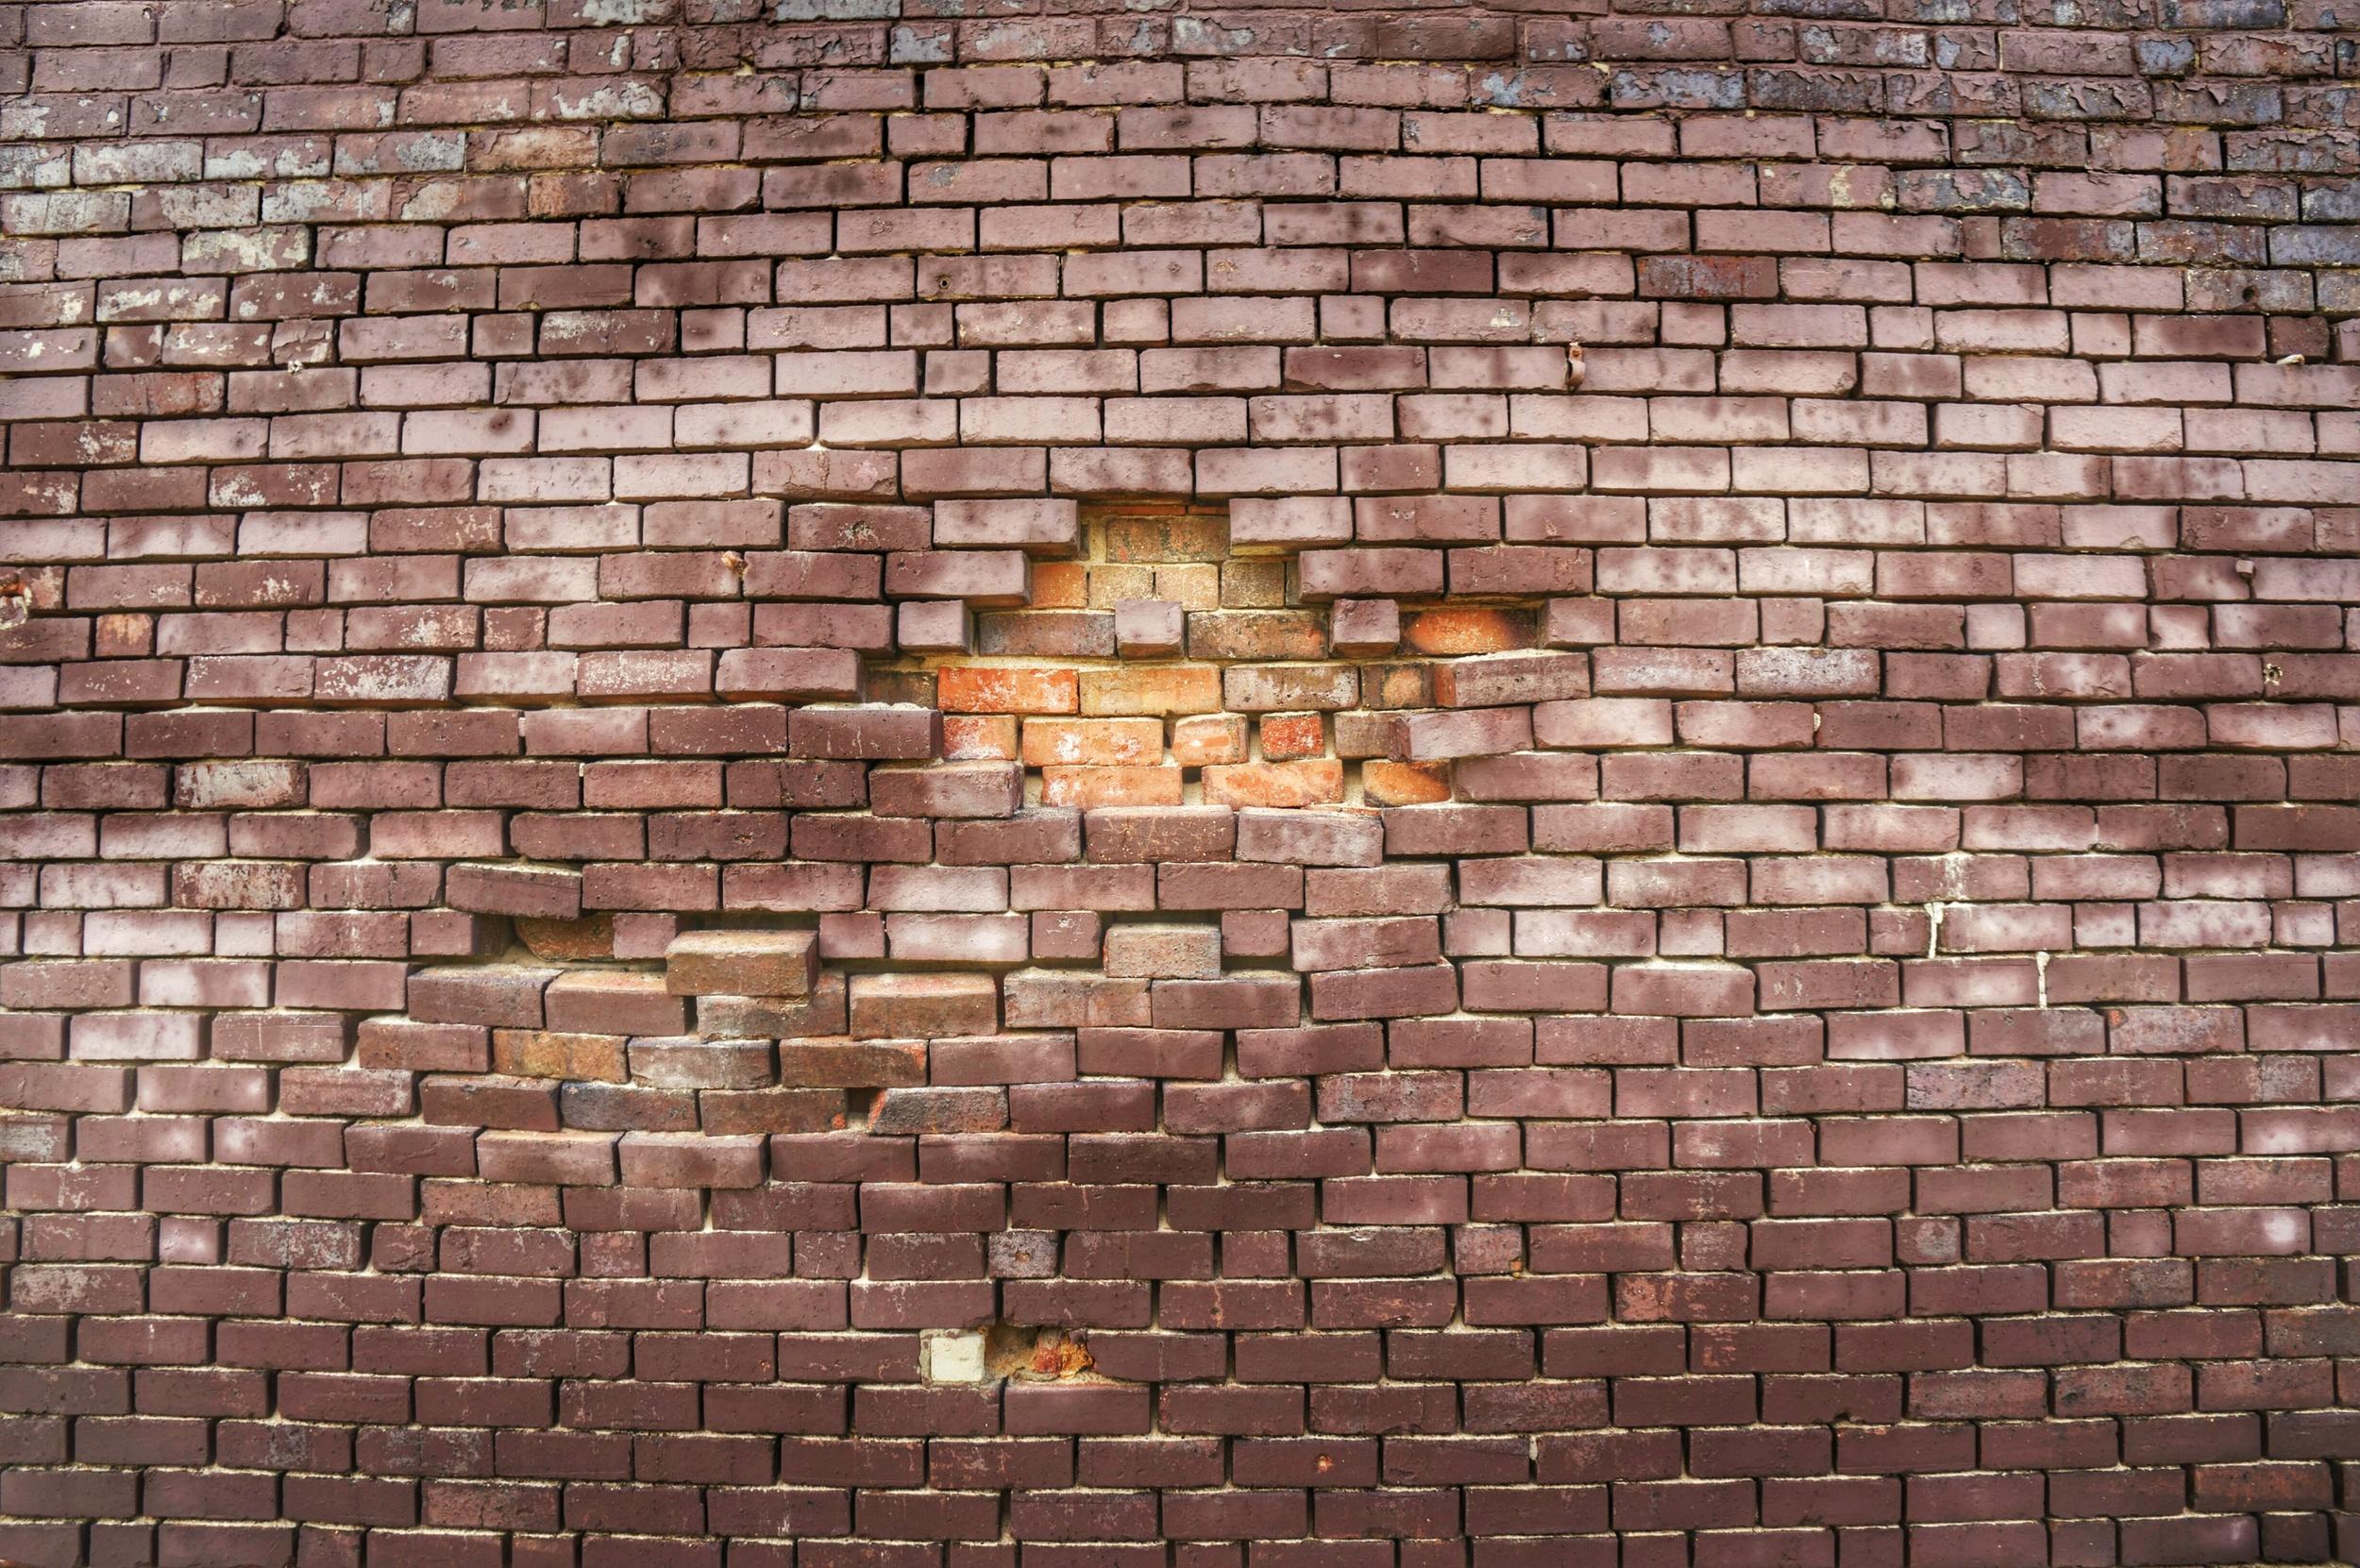 just a sweet ass brick wall